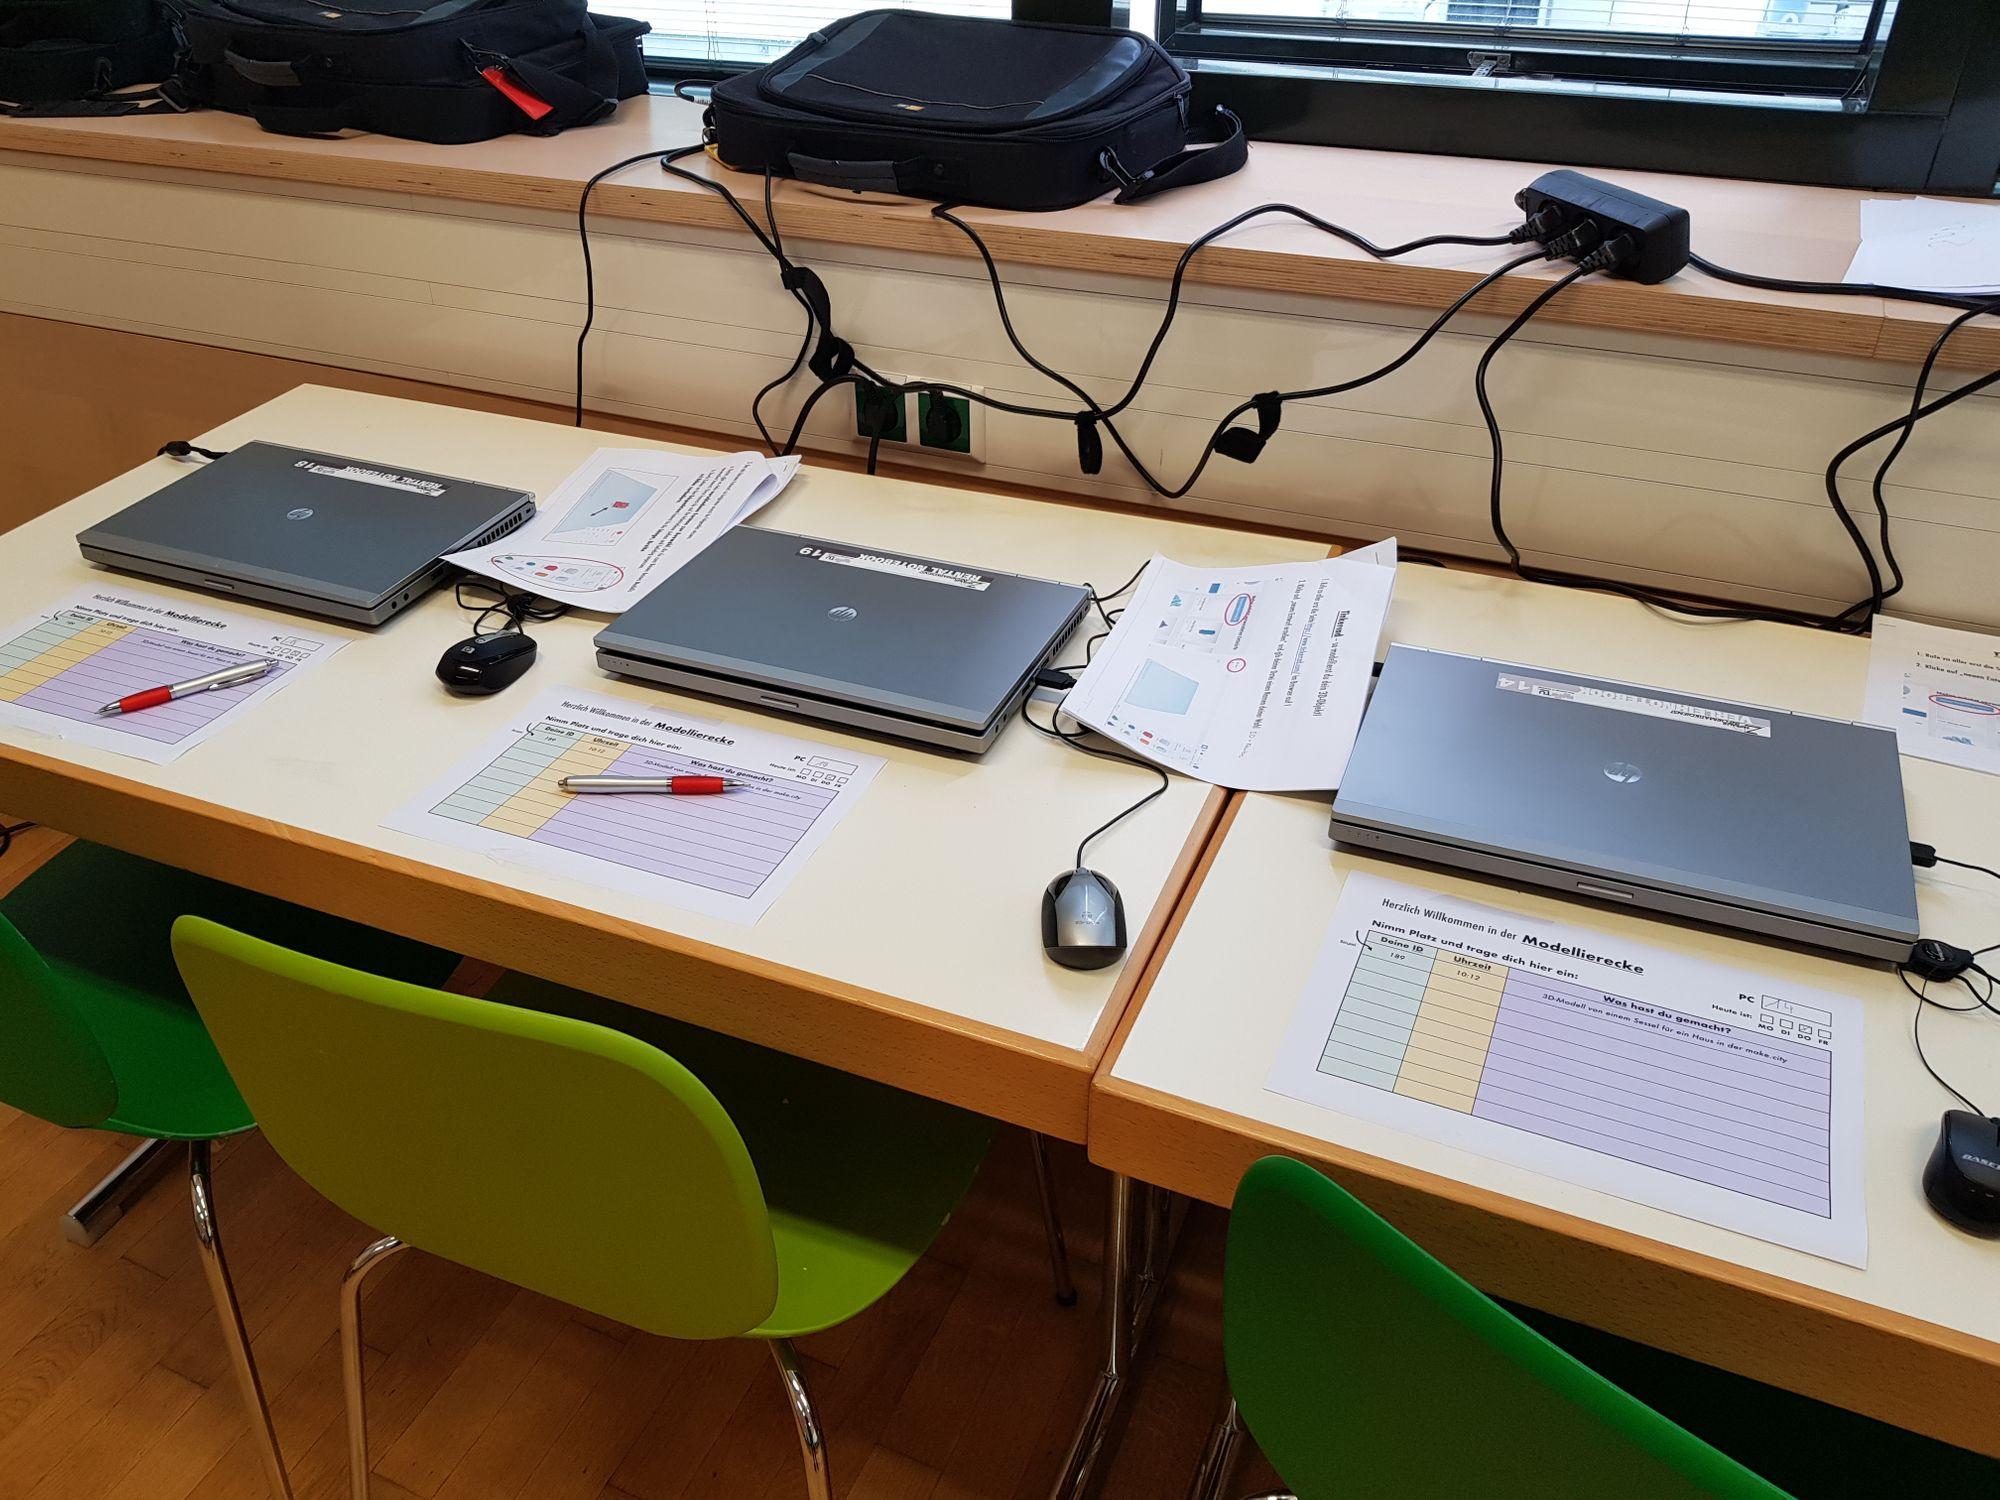 Drei Notebooks mit Kurzanleitungen zu Tinkercad in der Modellierecke.